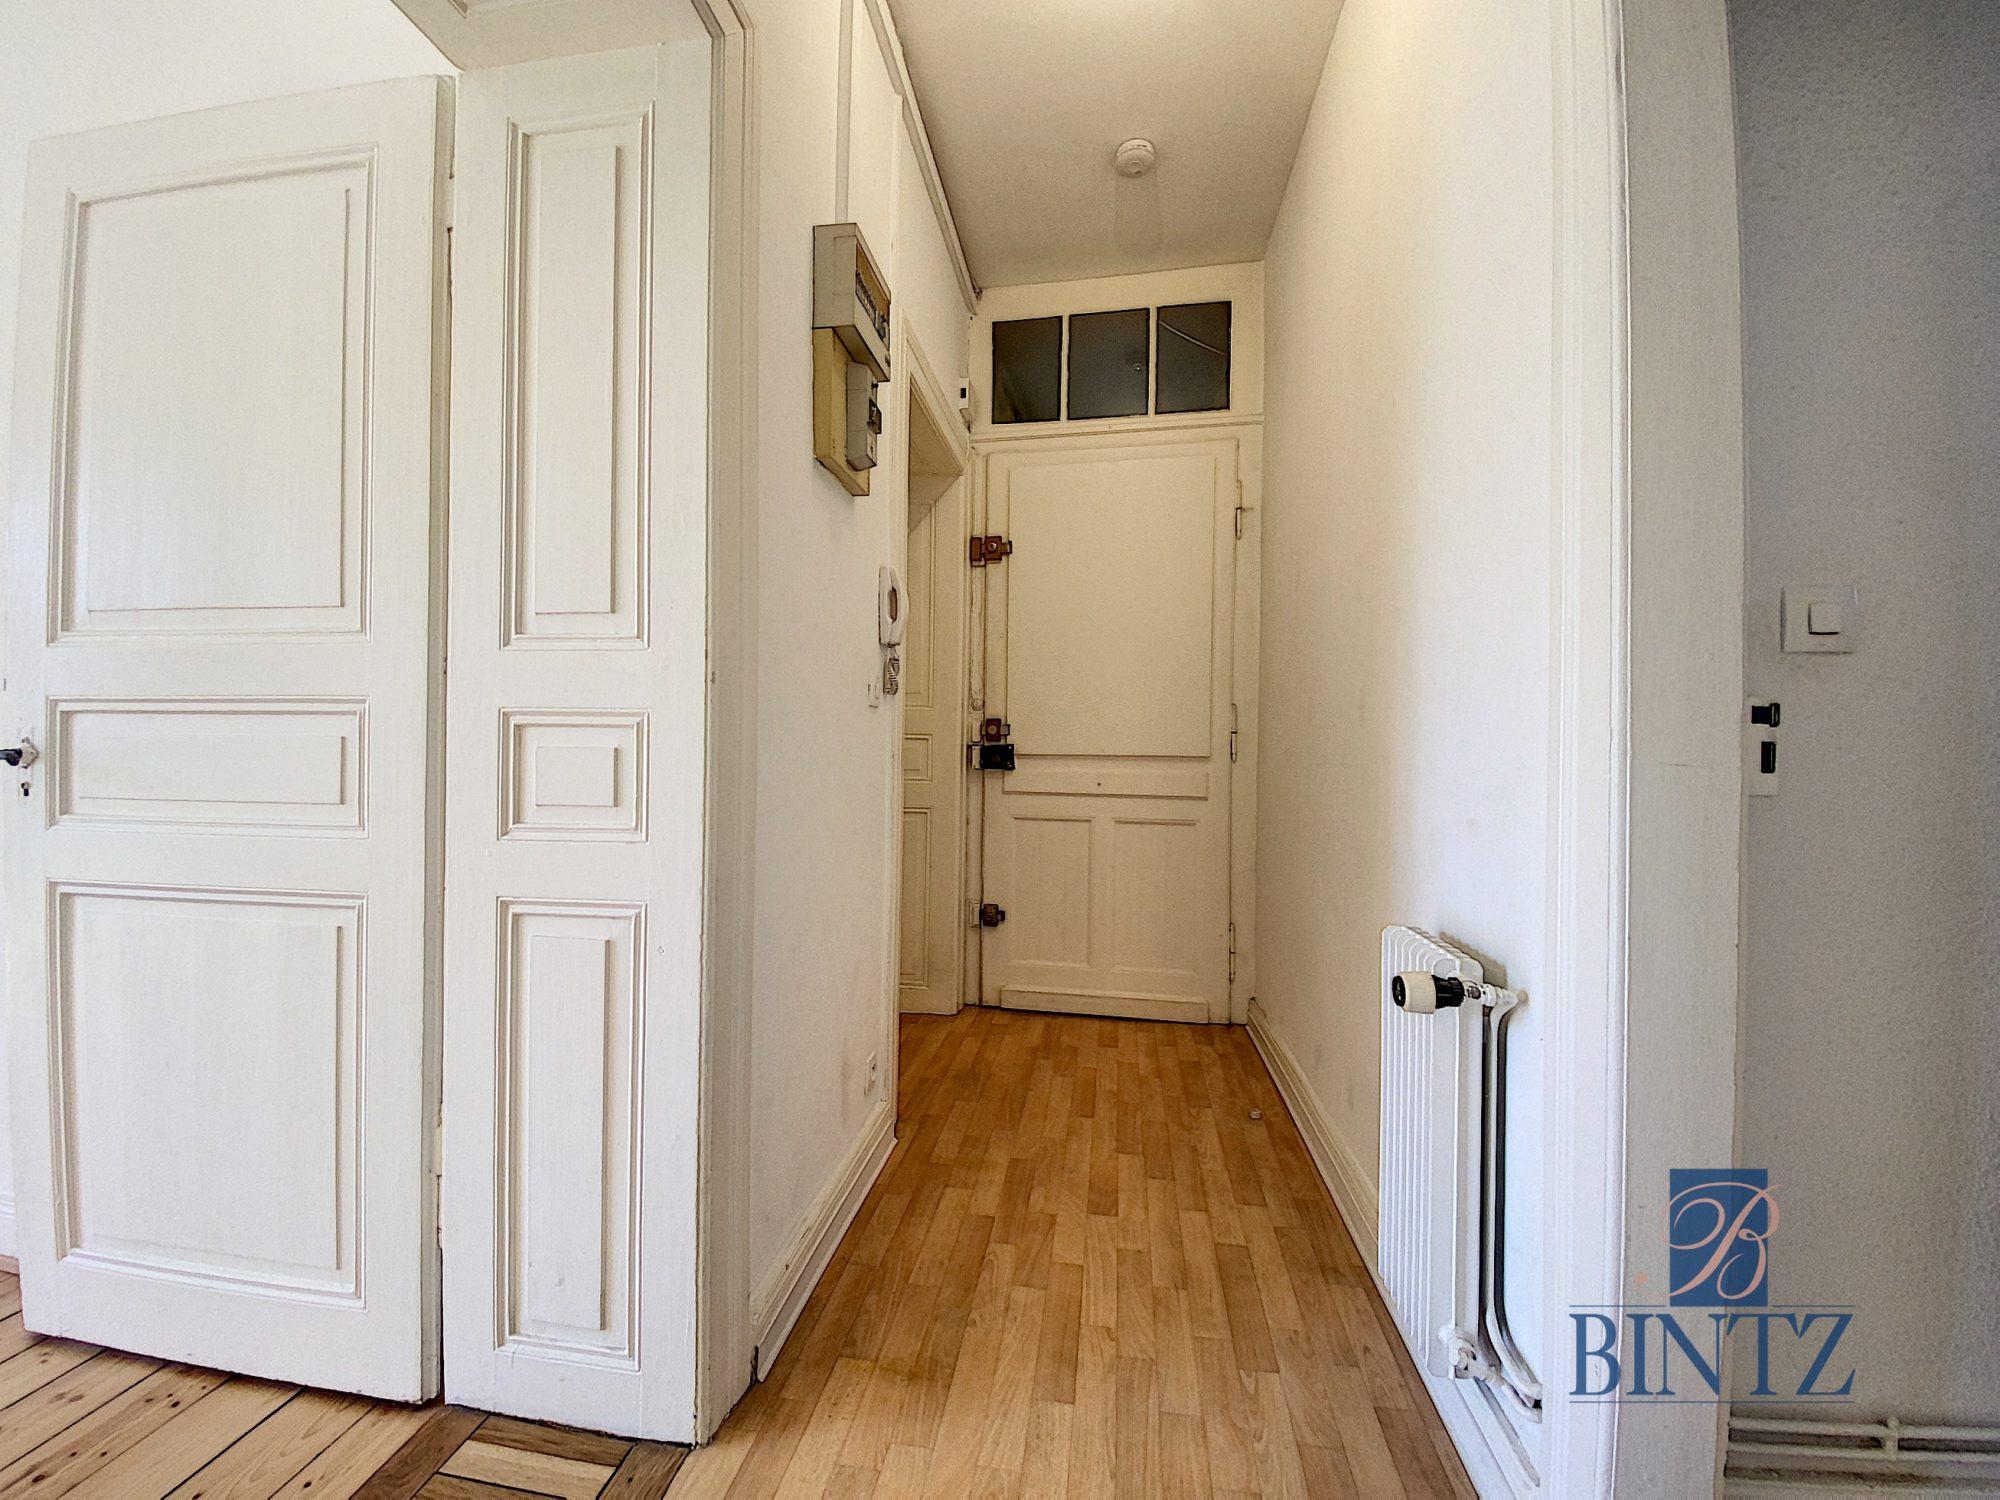 2 PIÈCES NEUDORF - Devenez locataire en toute sérénité - Bintz Immobilier - 12